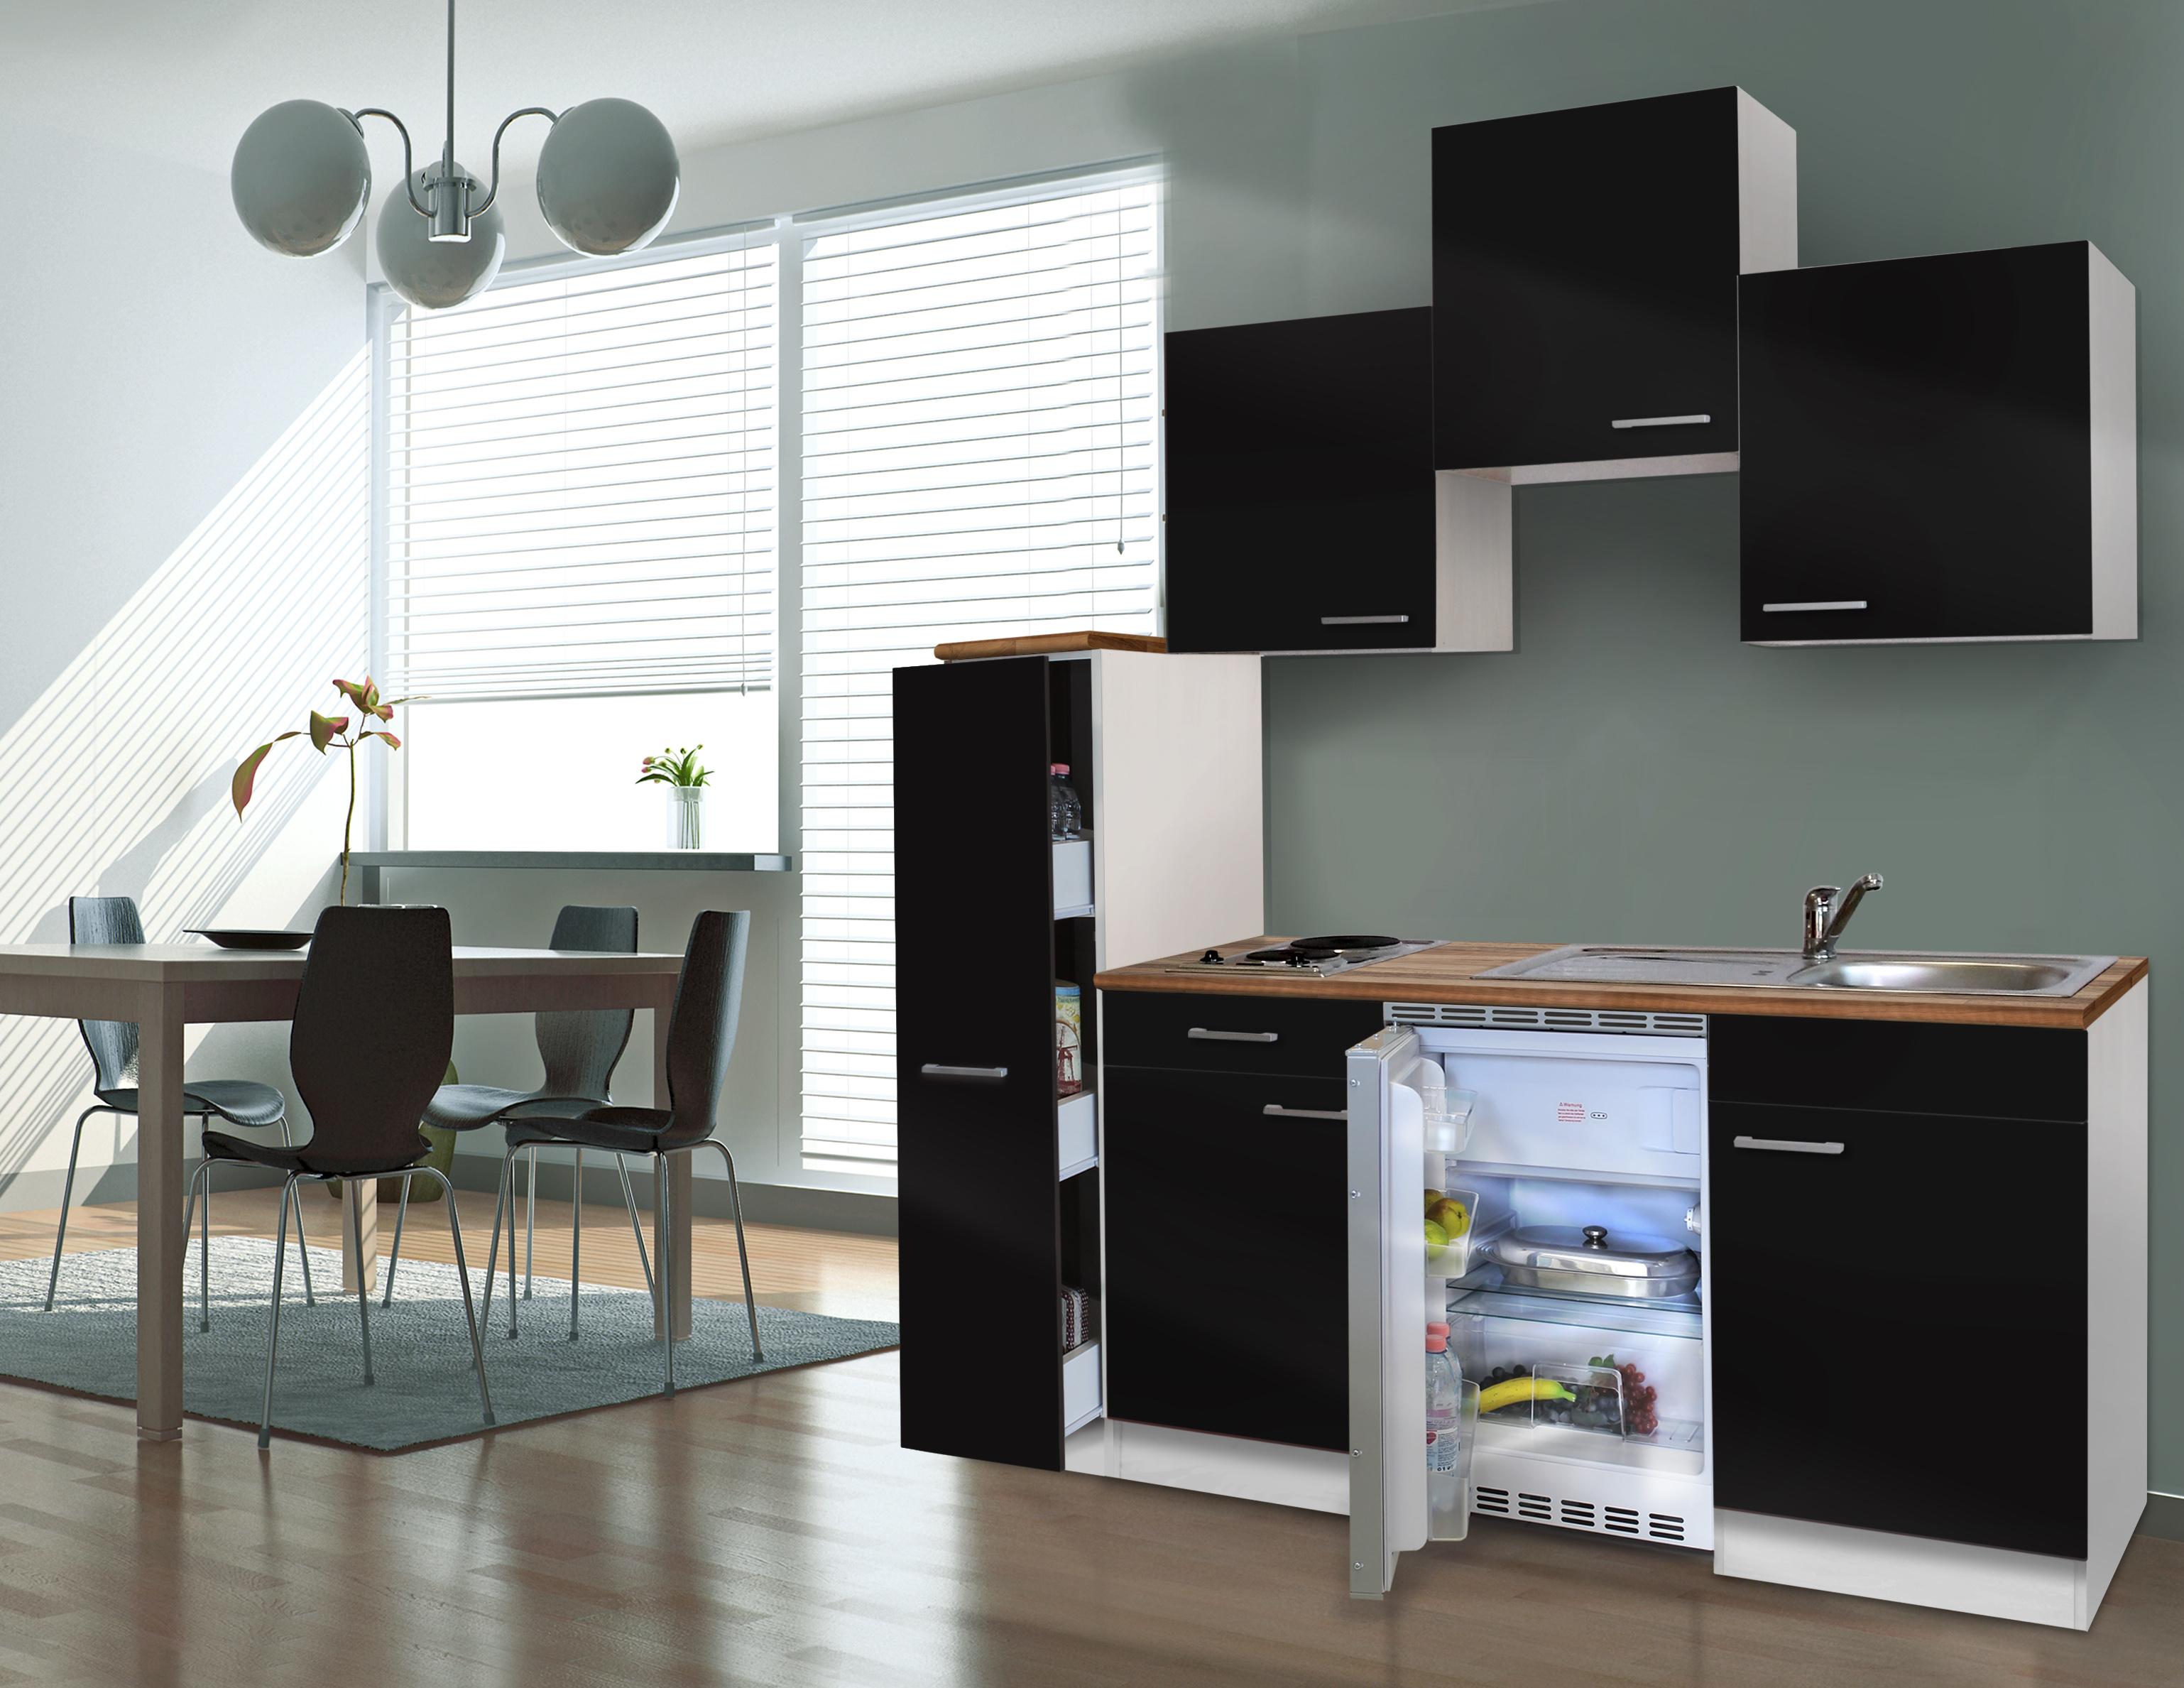 respekta Küche Singleküche Küchenzeile Küchenblock Miniküche 180 cm weiß schwarz